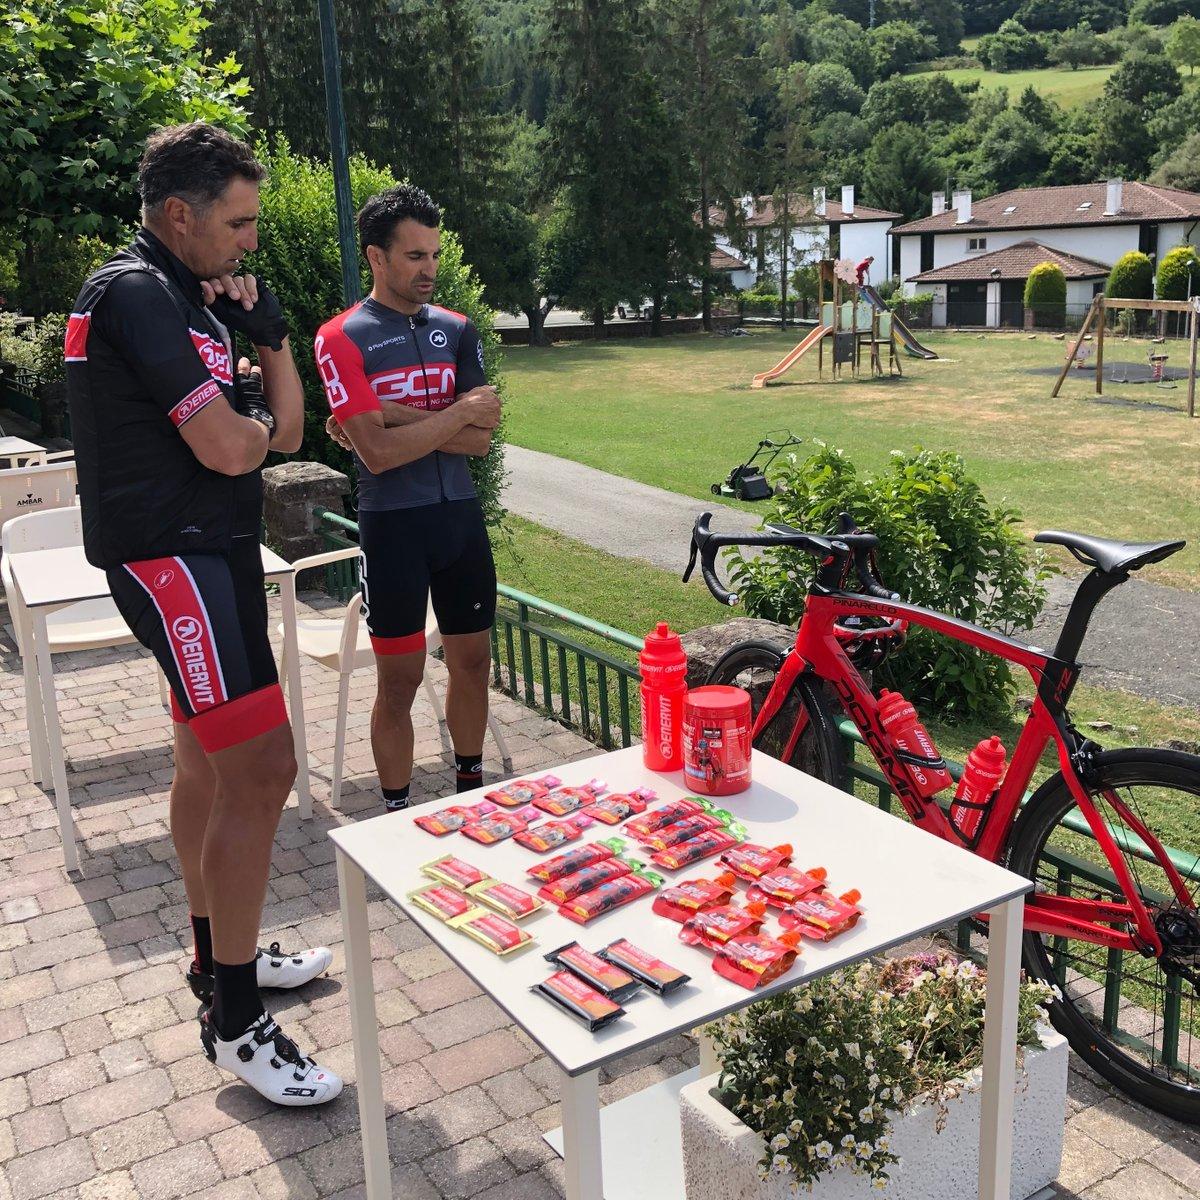 ¿Qué producto escogerán Sebas y el gran Indurain para su salida por Navarra?  Descúbrelo en el vídeo en nuestro canal de GCN en español  📹 https://t.co/lyCuATseVR  #ciclismo #Enervit #ruta #motivacion #bici #Indurain #pro #GCNenespañol @EnervitSport https://t.co/CxKSroStKF